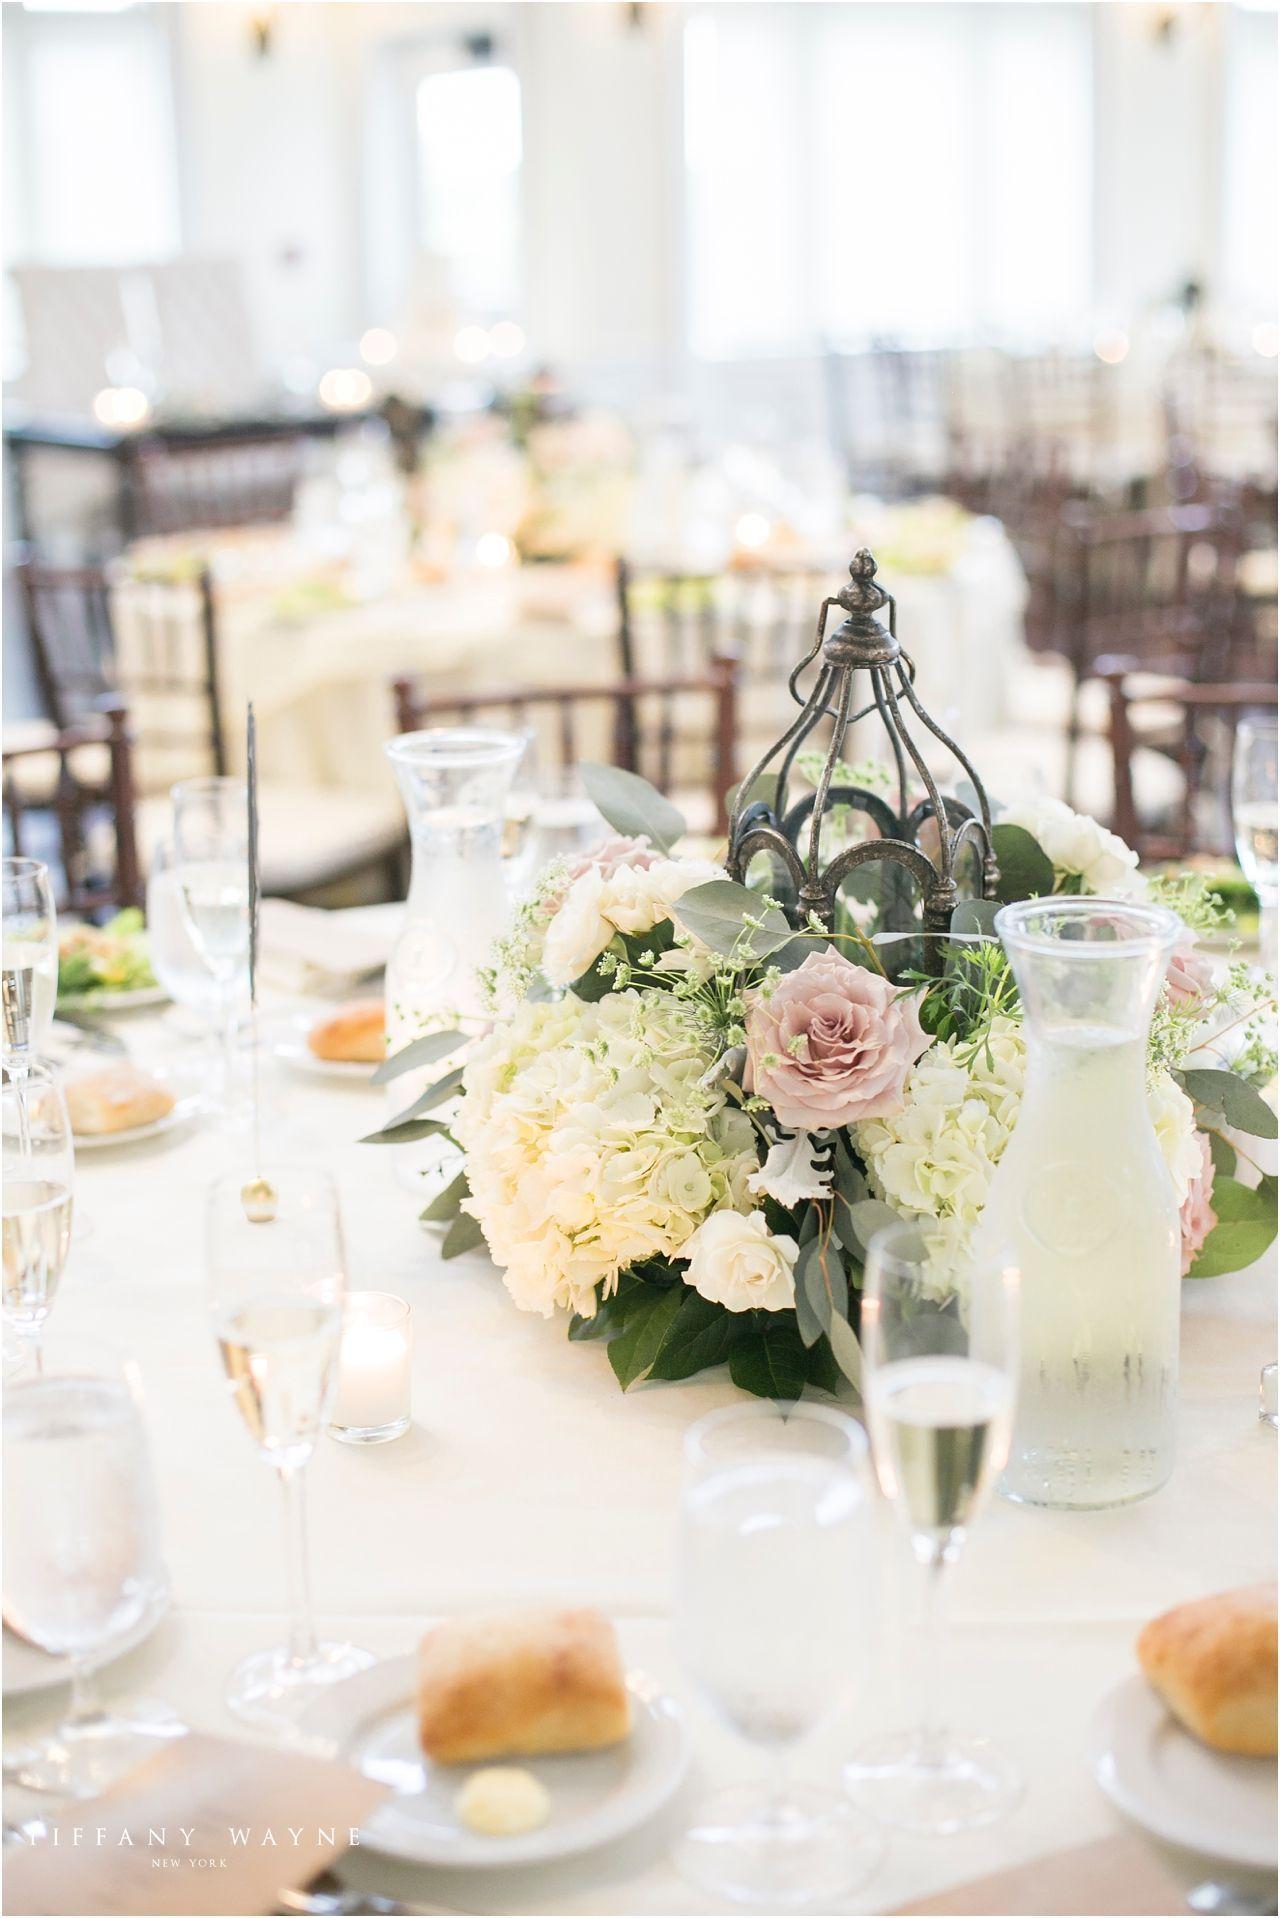 Wedding reception wedding decor ideas  Wedding reception decor ideas and inspiration  Wedding reception